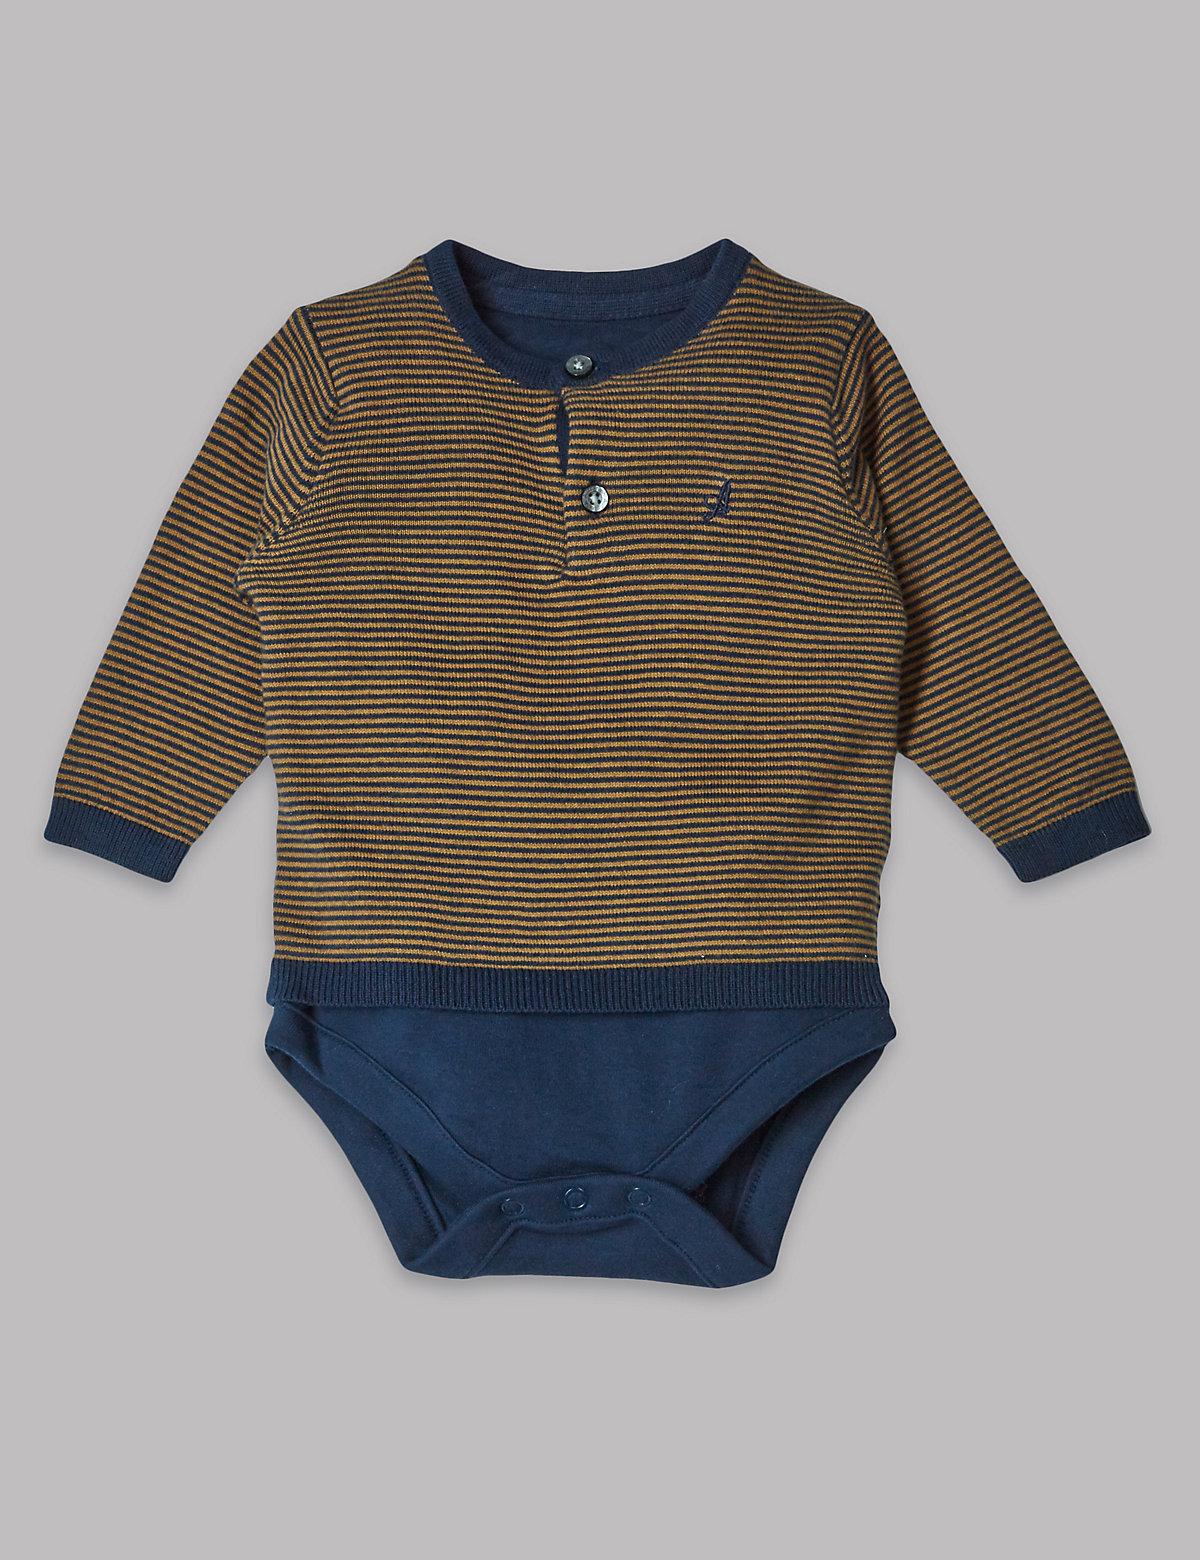 Autograph Knit Striped Pure Cotton Bodysuit